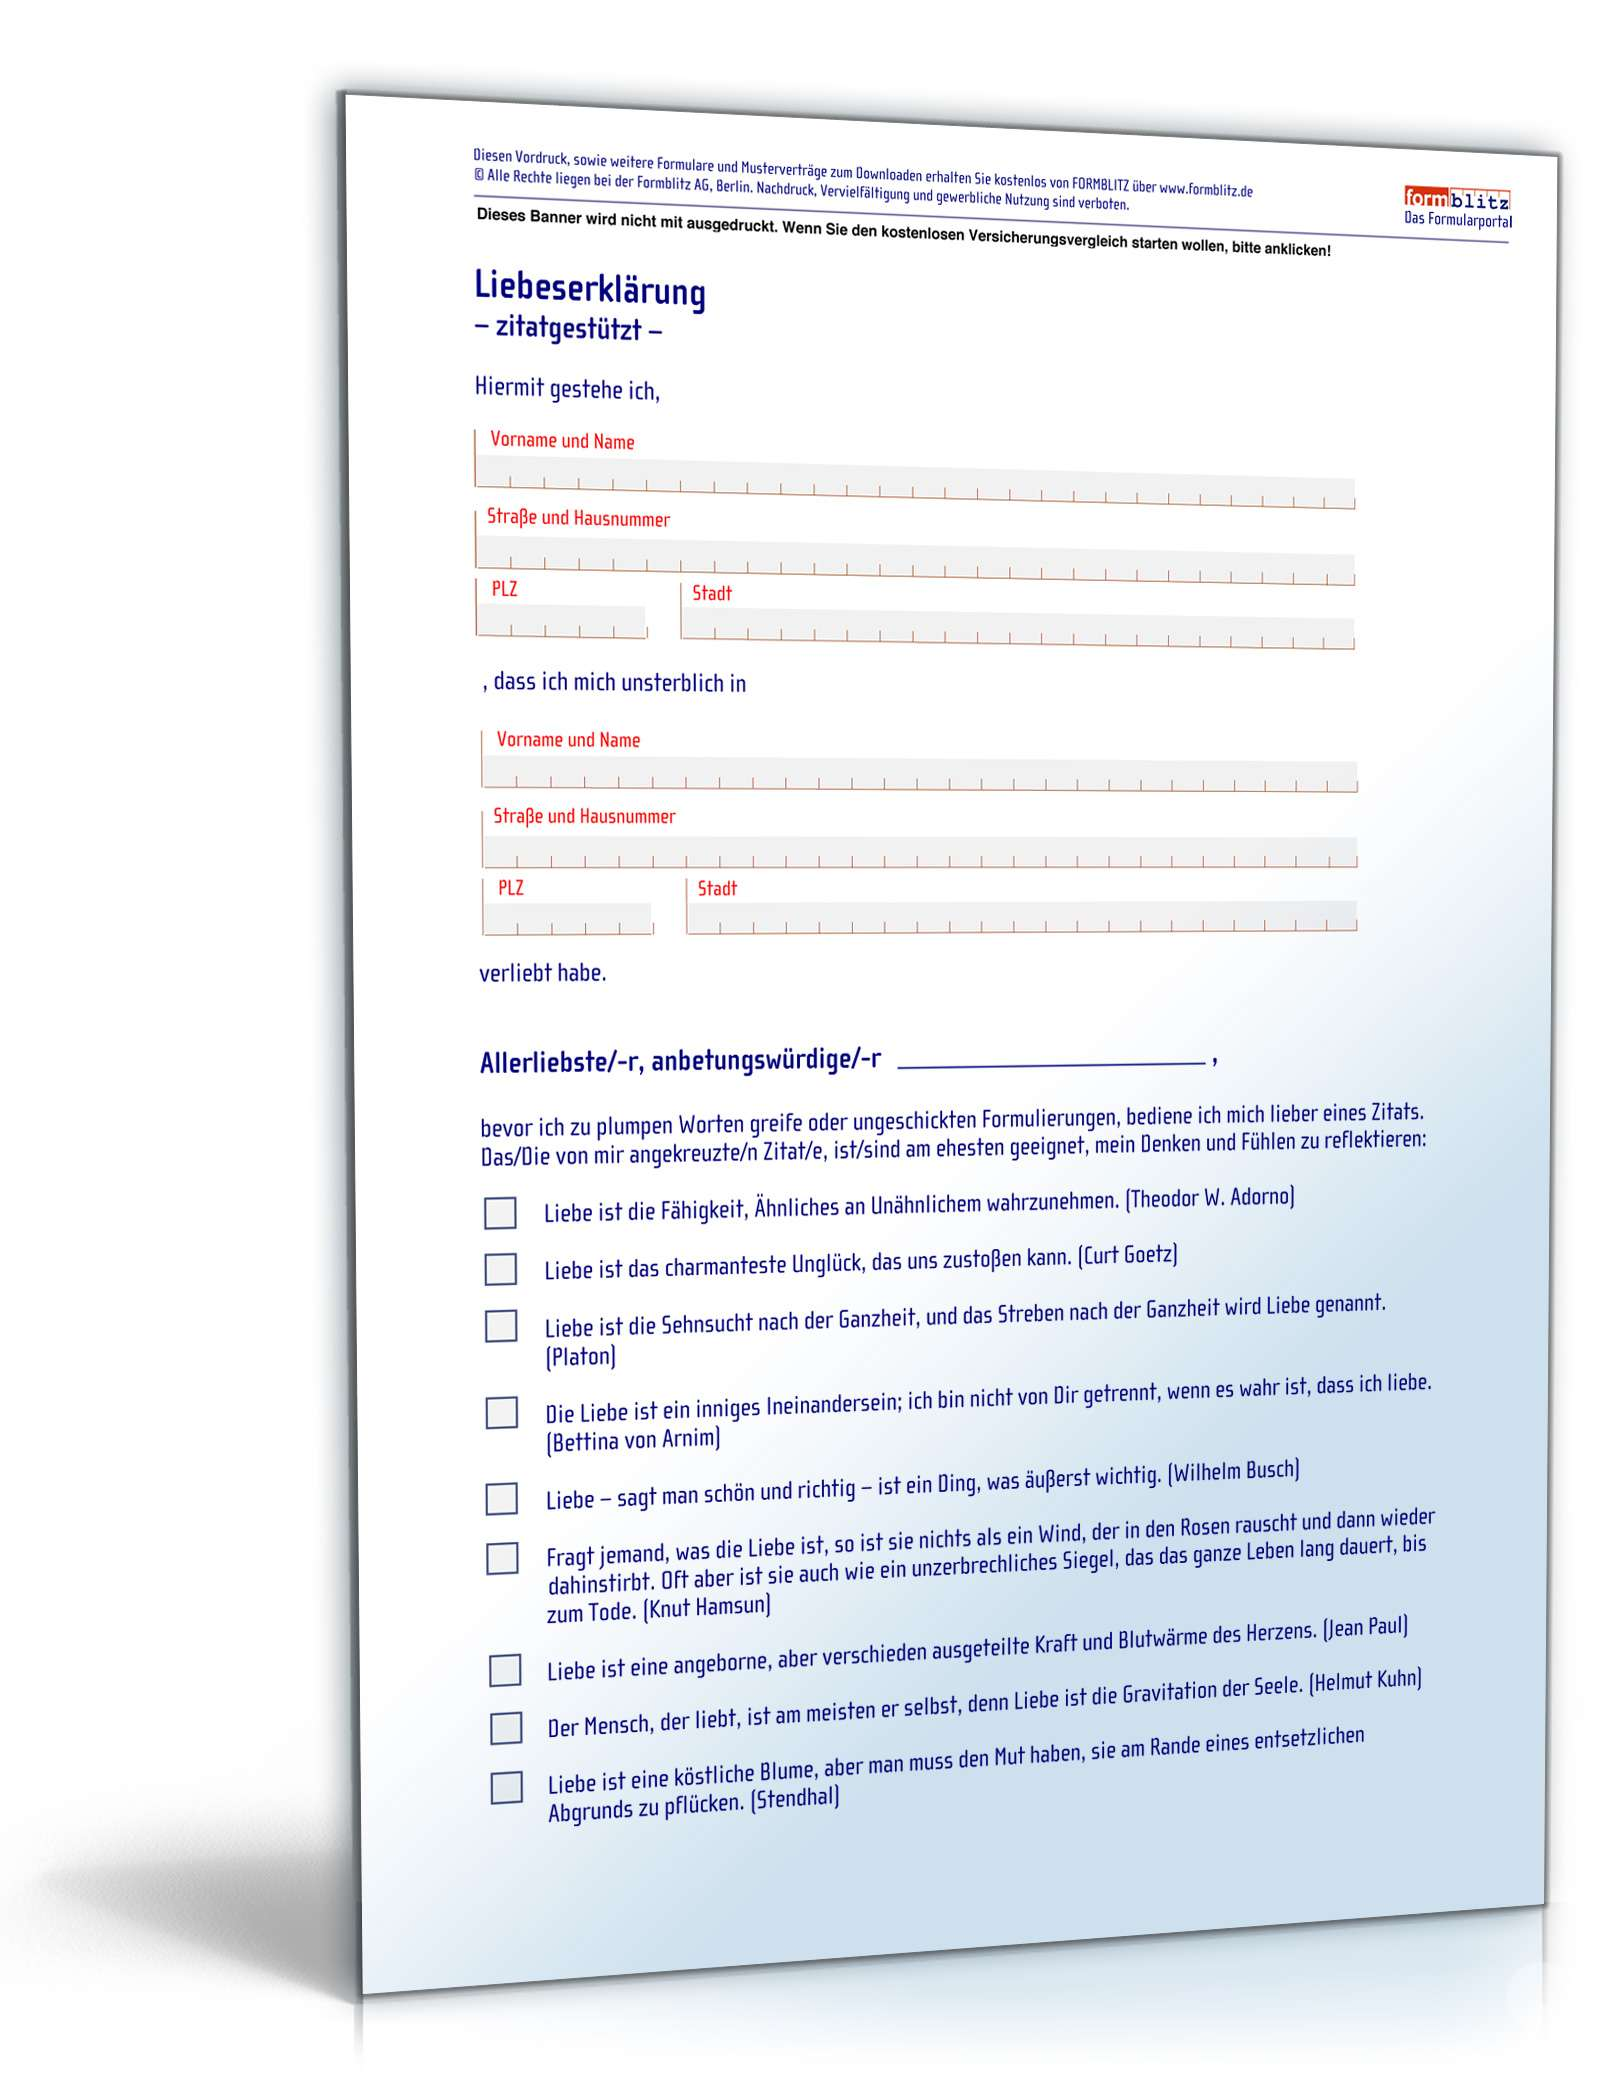 Liebeserklärung zitatgestützt | Vorlage zum Download